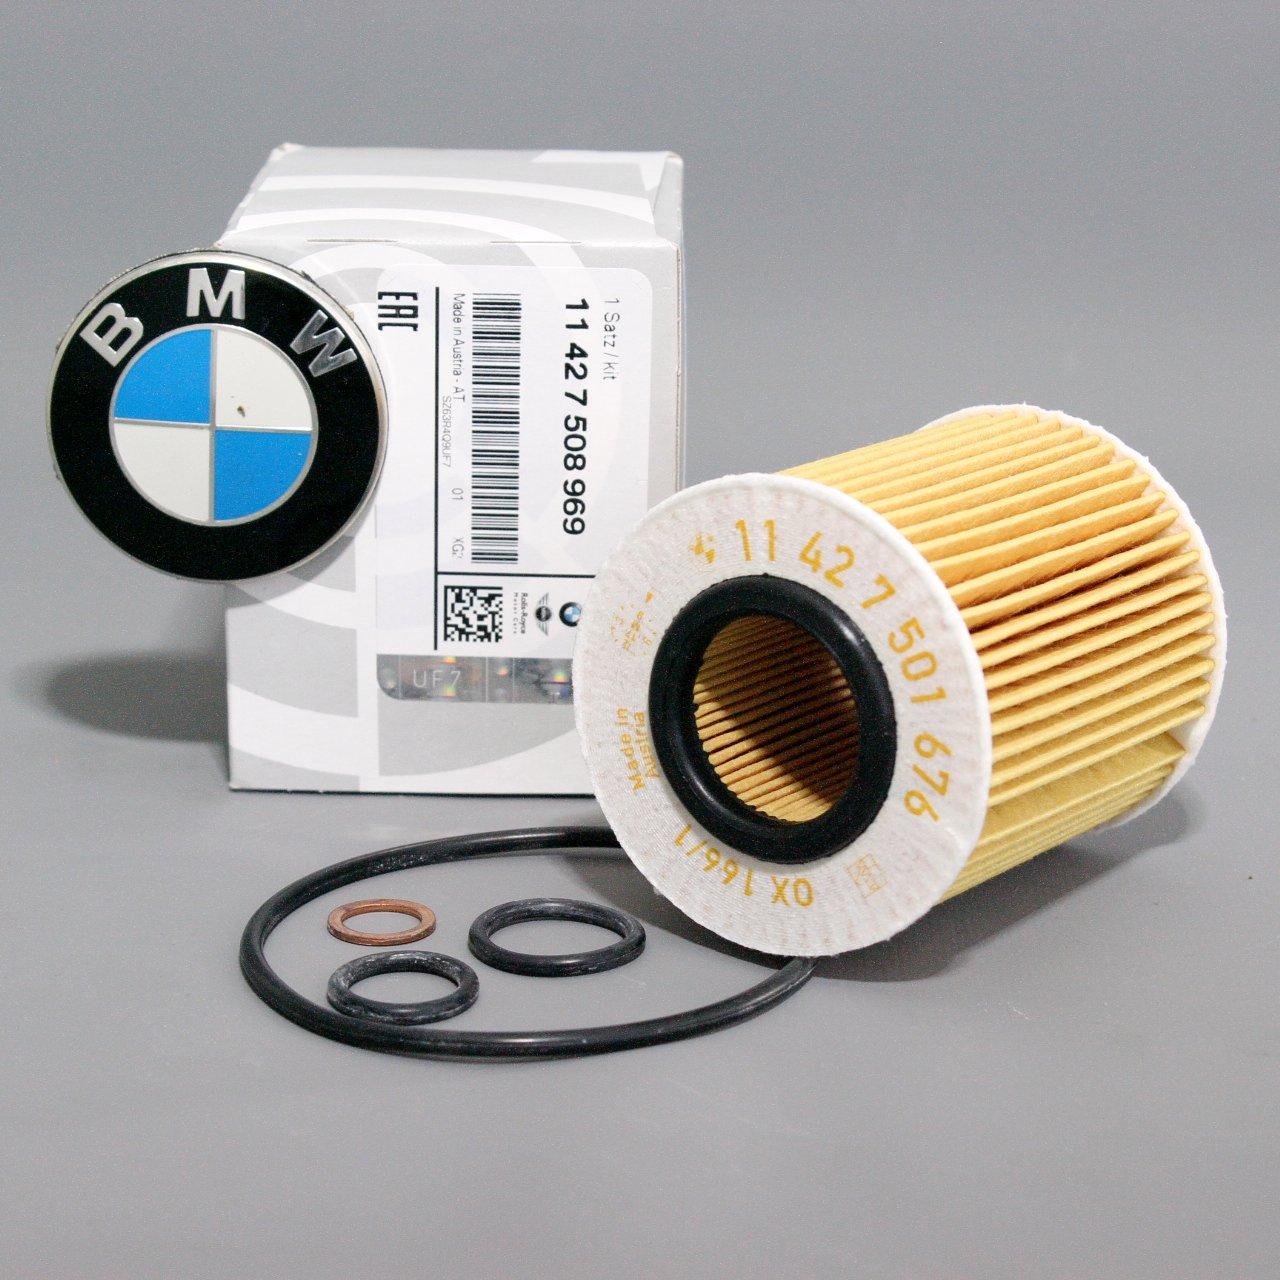 Tutoriel-vidange-moteur-et-remise-a-zero-de-lindicateur-de-maintenance-de-la-BMW-Serie-3-E46-9.jpg